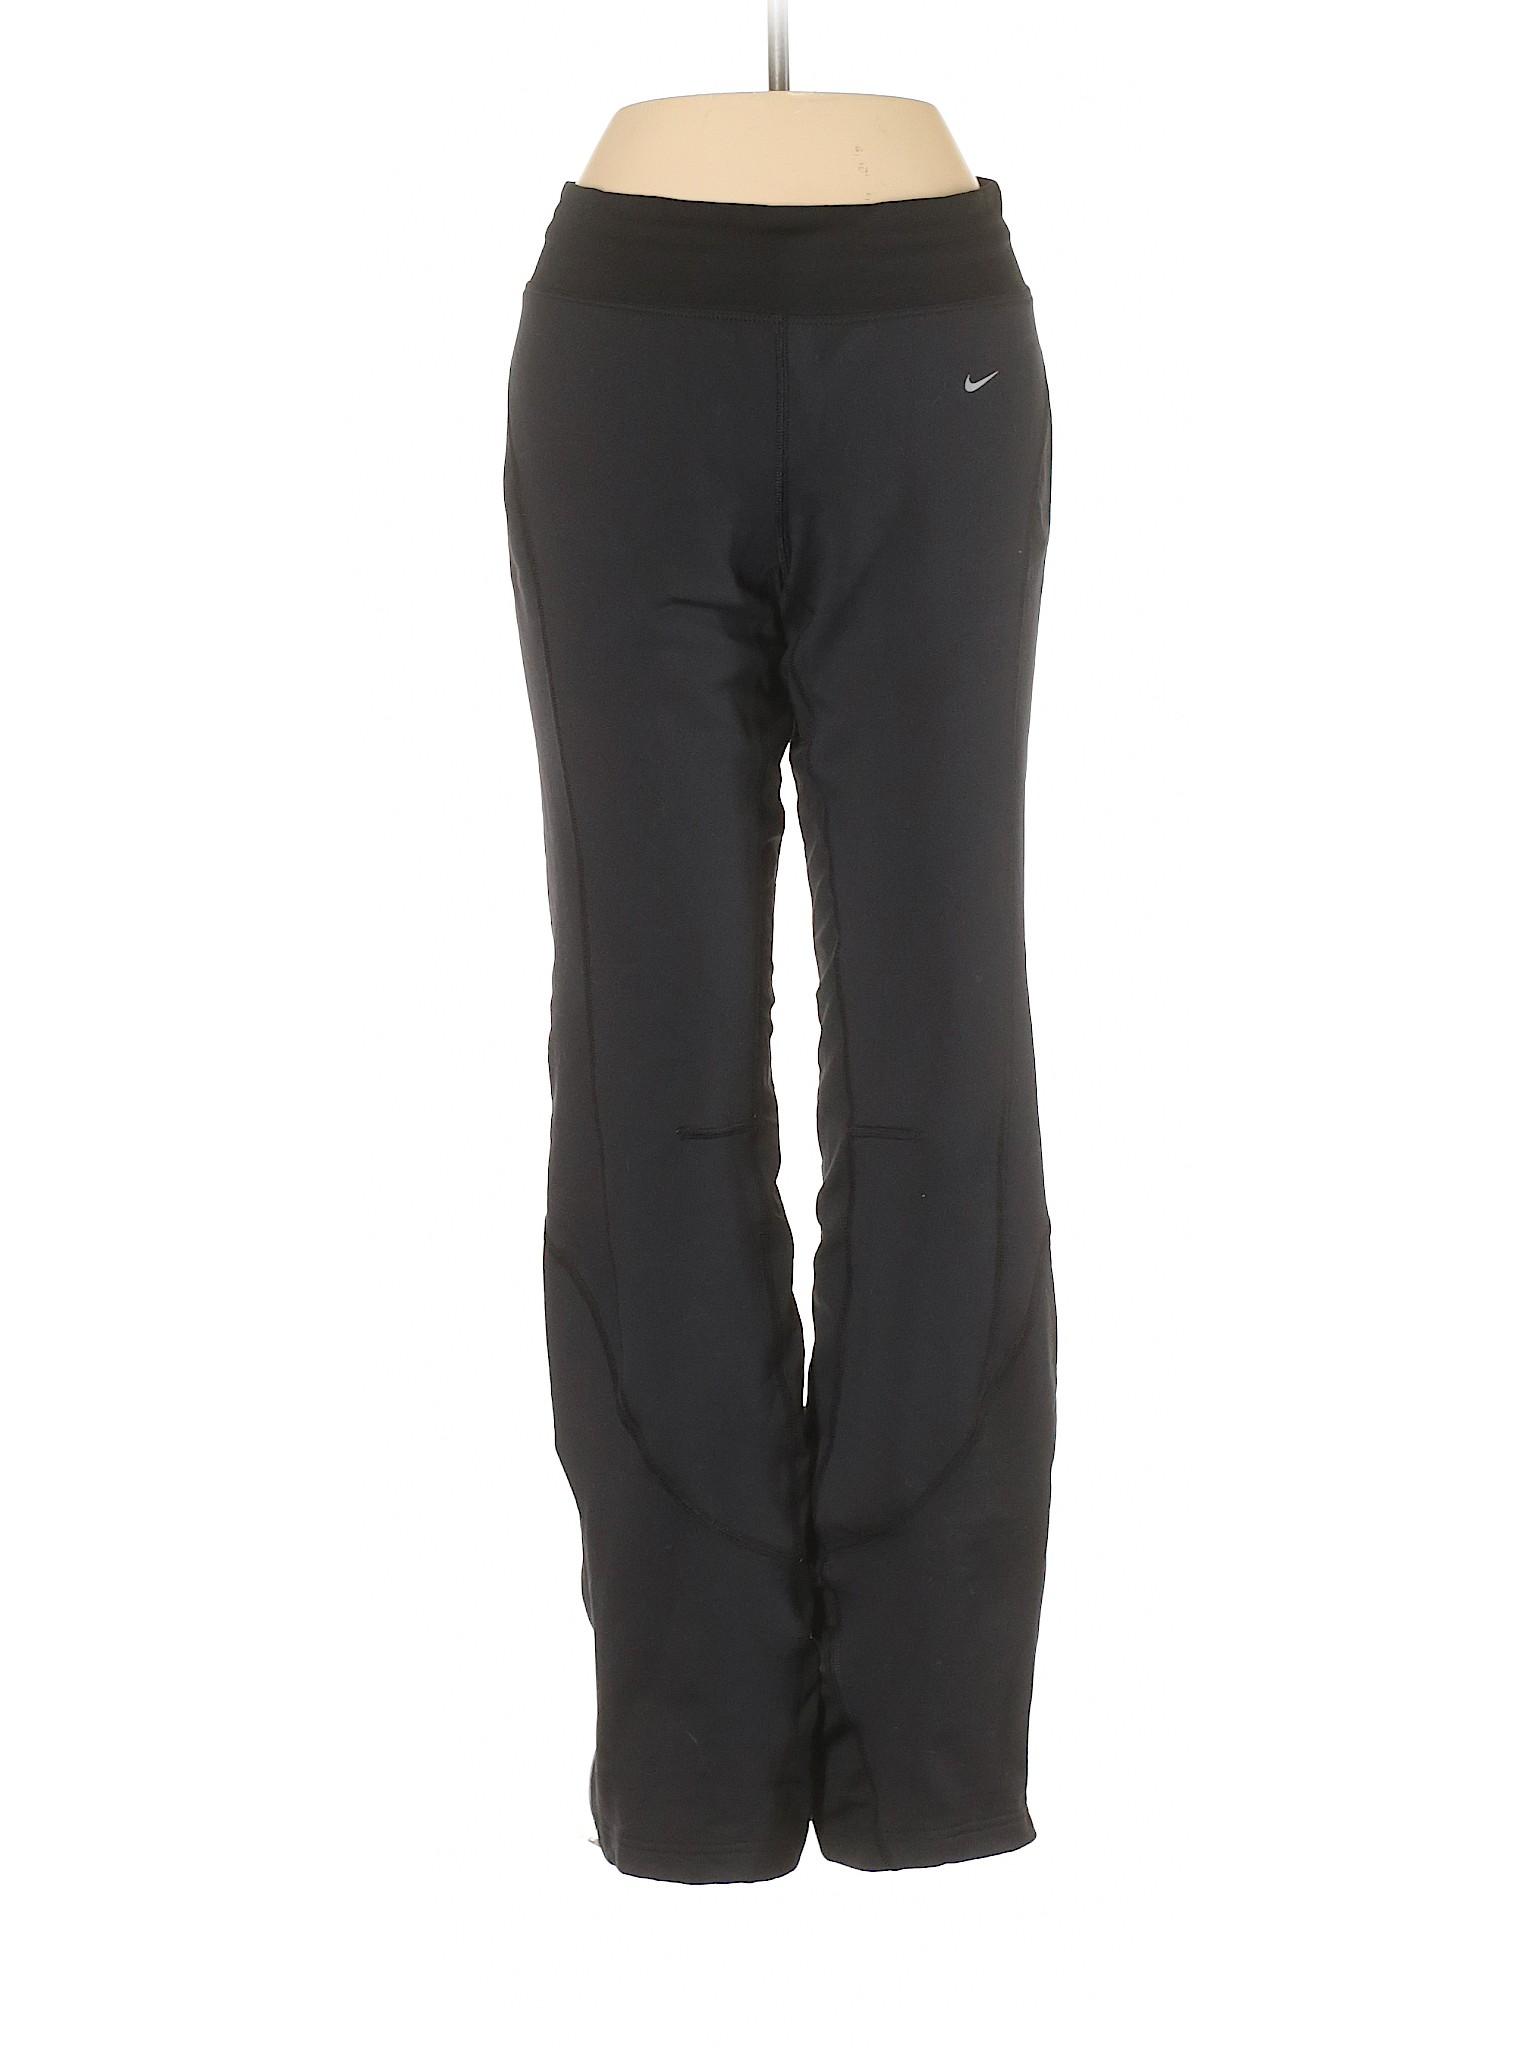 Boutique Pants leisure leisure Boutique Active Nike vgP4wq